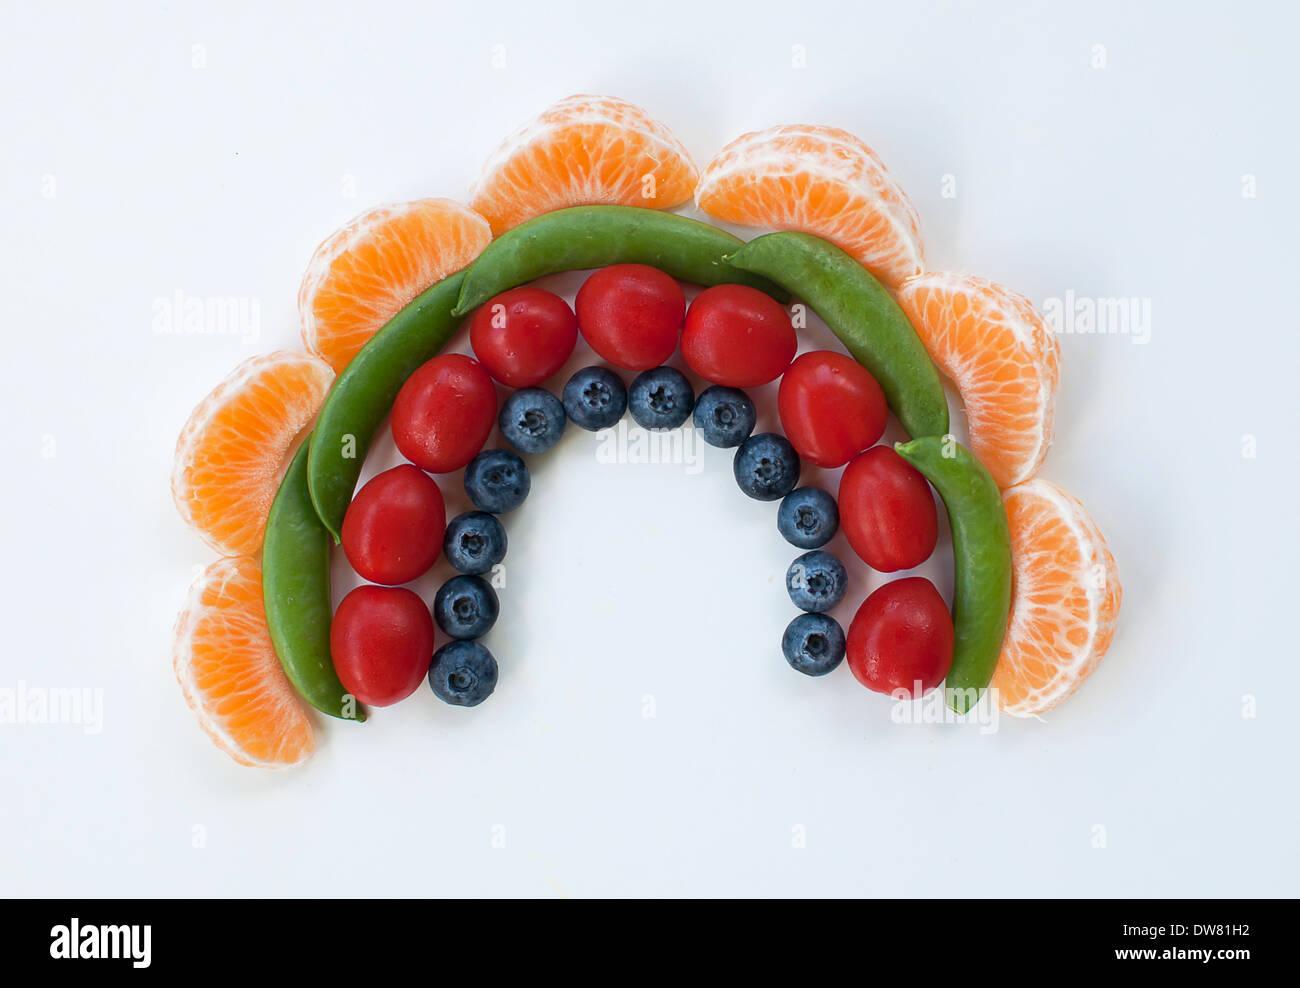 Arco iris de alimentos Imagen De Stock